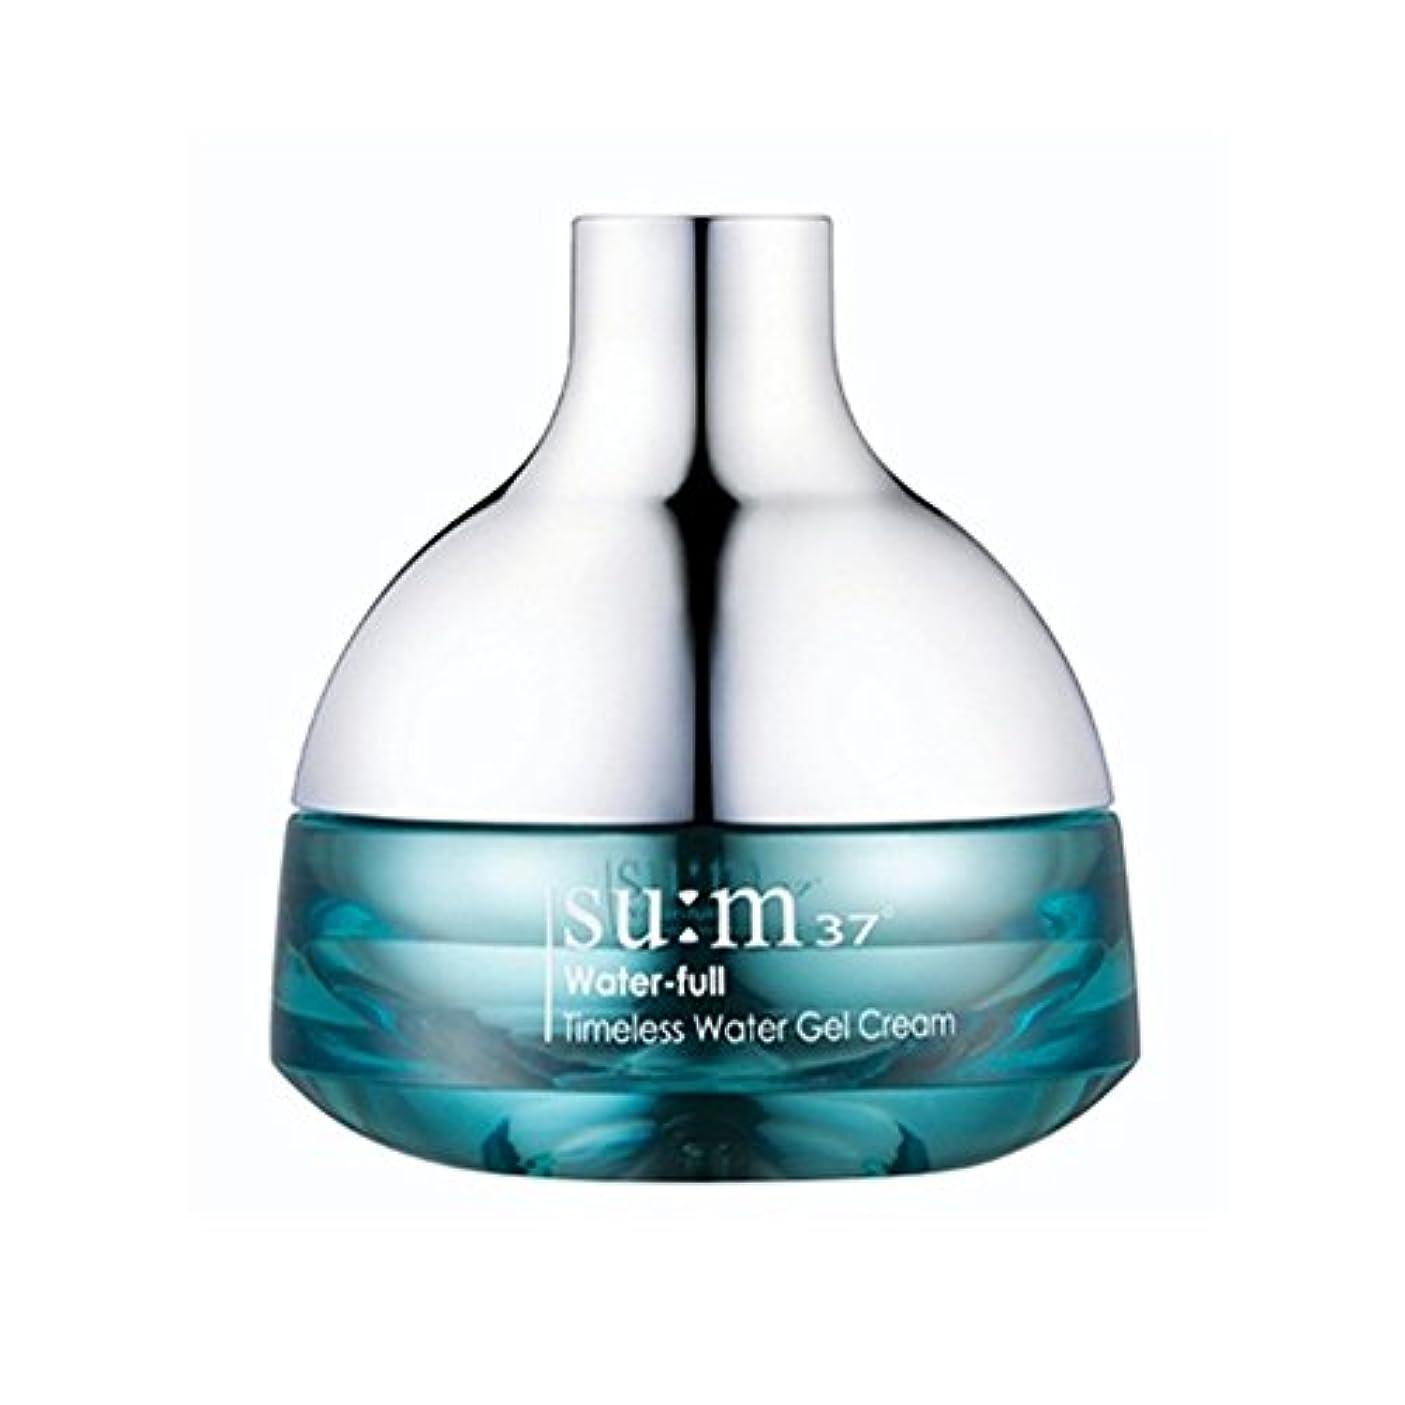 無駄なラジカル同様に[su:m37/スム37°] SUM37 Water-full Timeless Water Gel Cream 50ml/WF07 sum37 ウォータフル タイムレス ウォータージェルクリーム 50ml +[Sample...